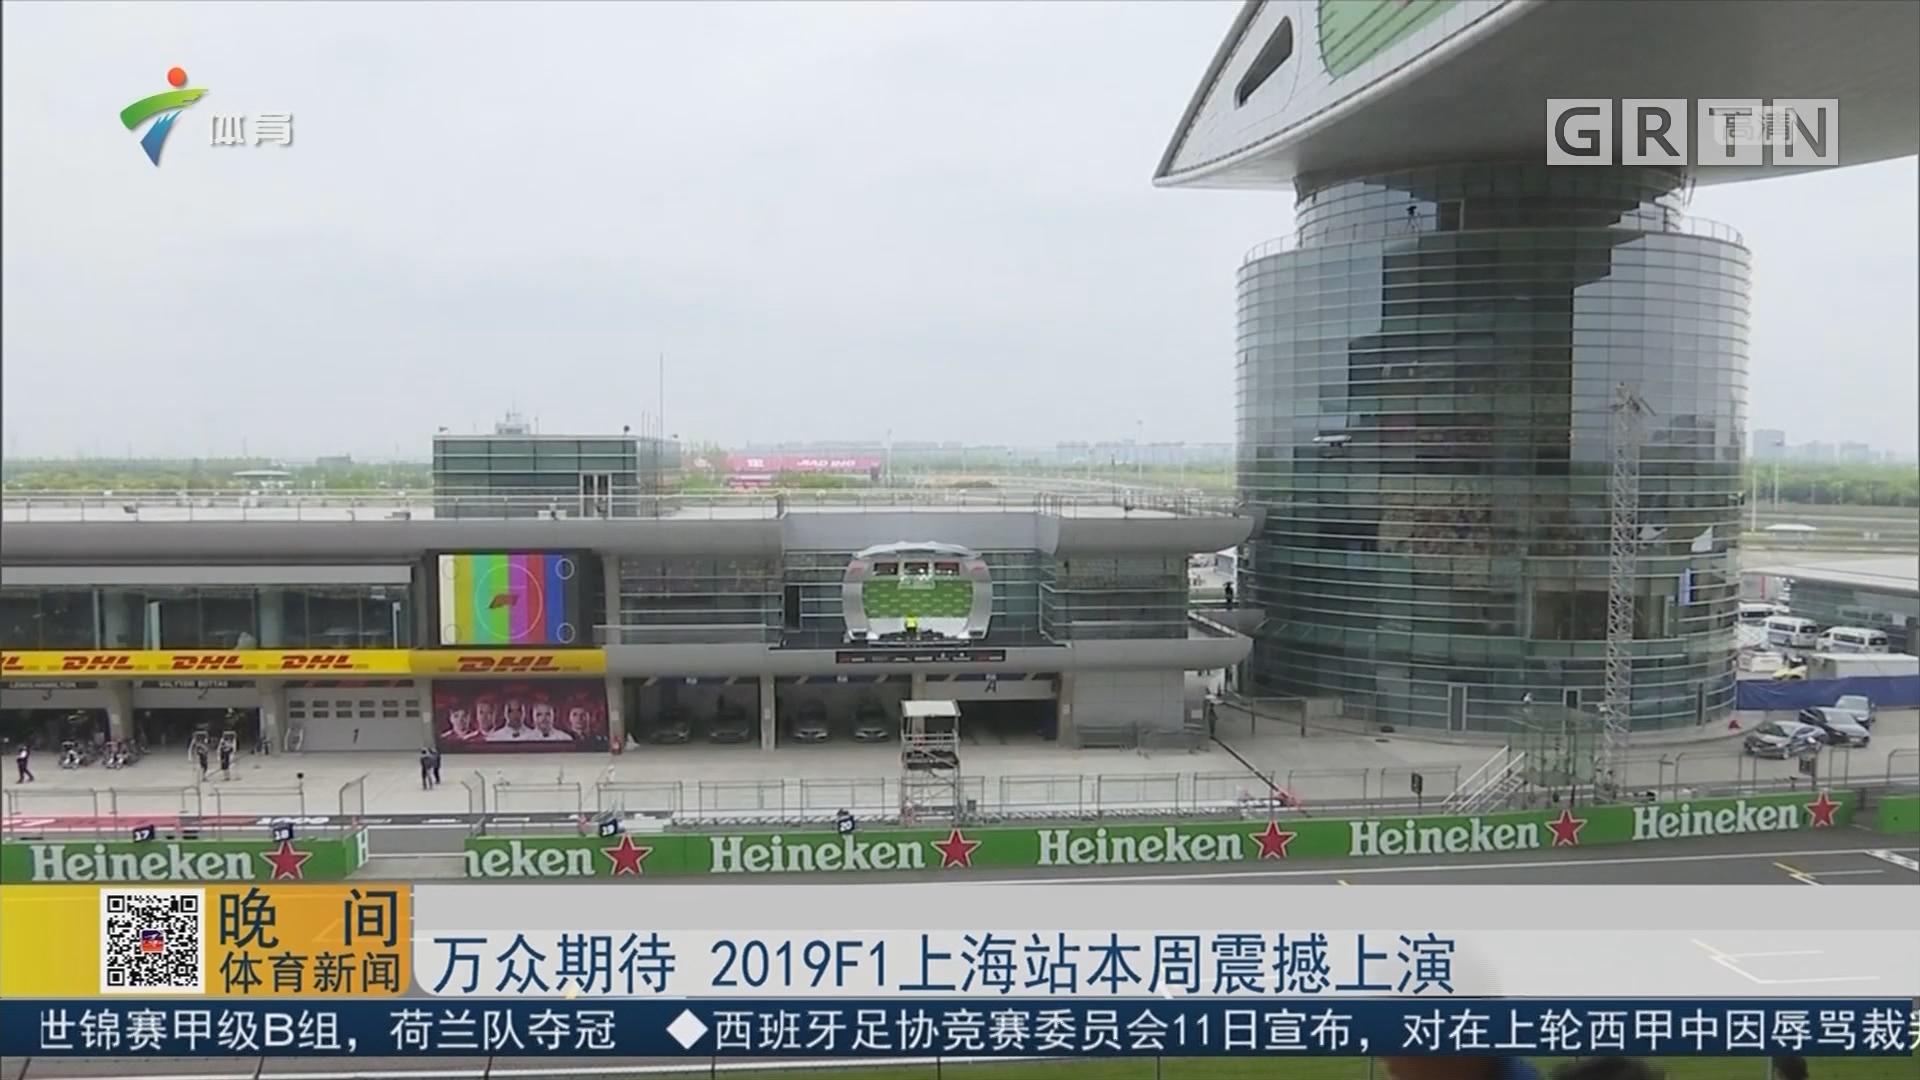 万众期待 2019F1上海站本周震撼上演